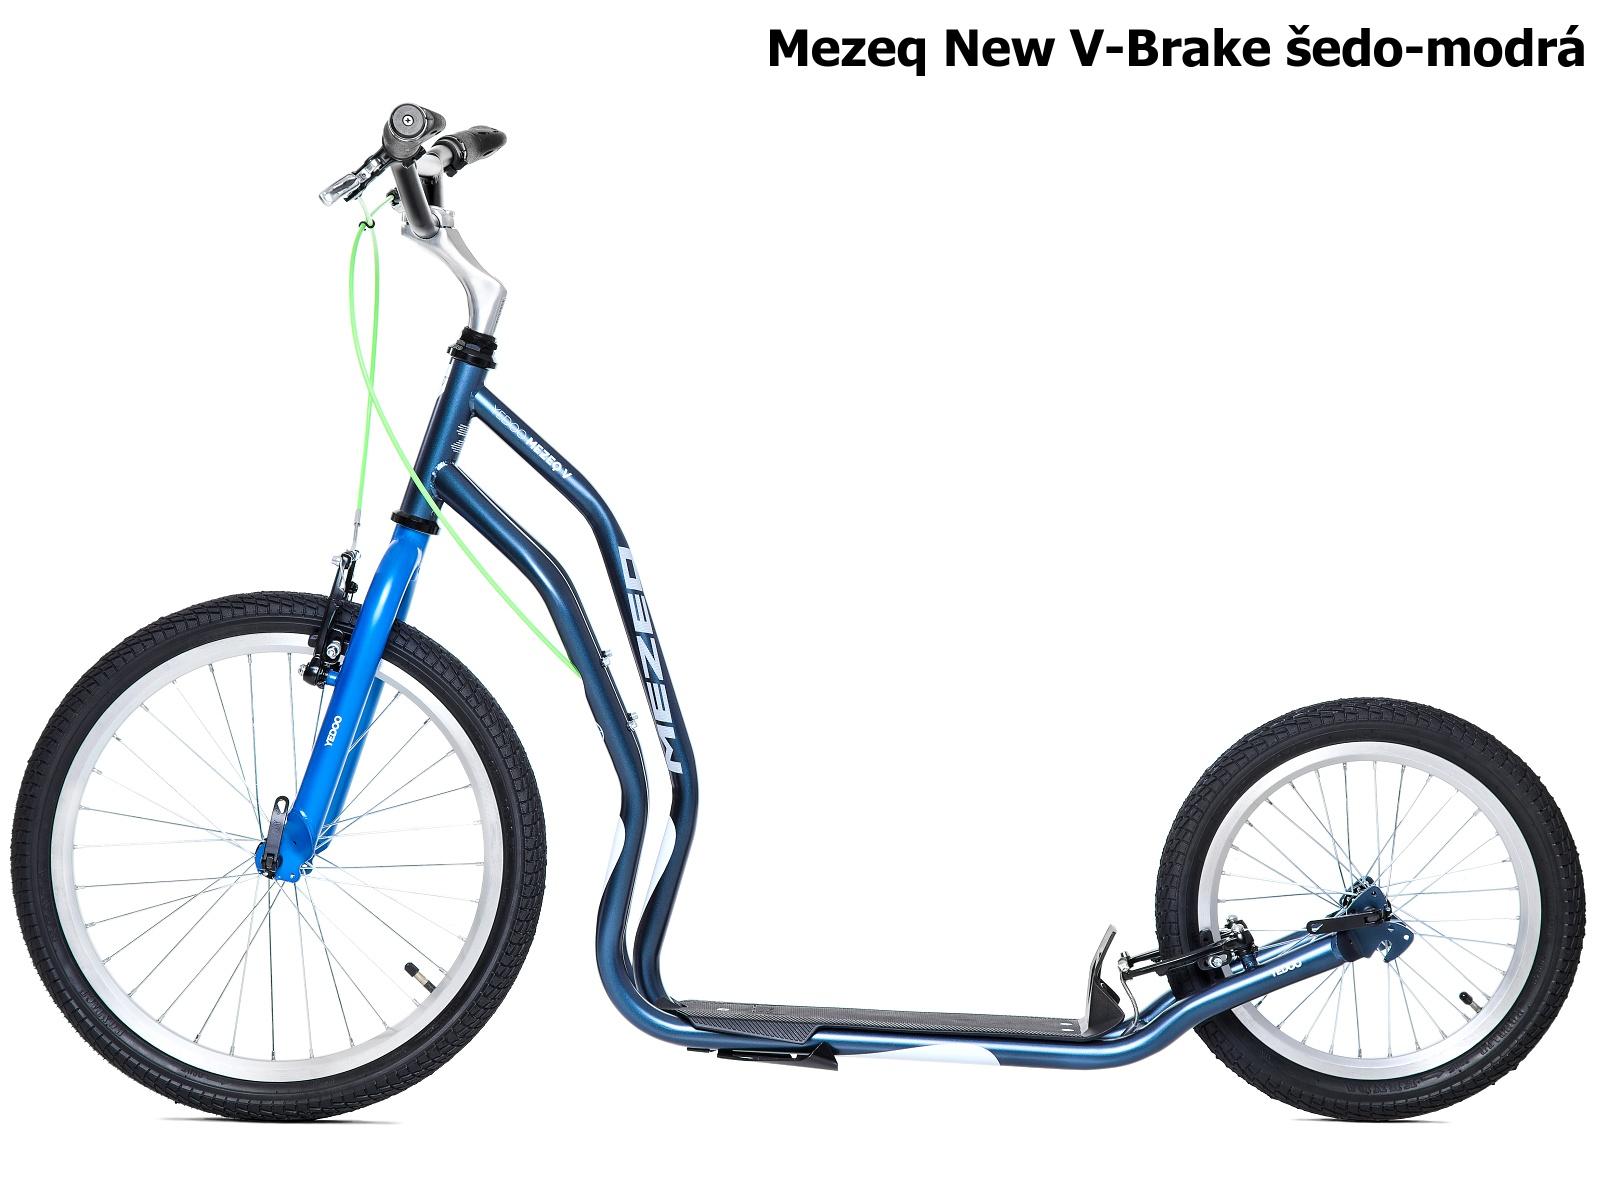 Koloběžka YEDOO Mezeq New V-Brake 20-16 šedo-modrá